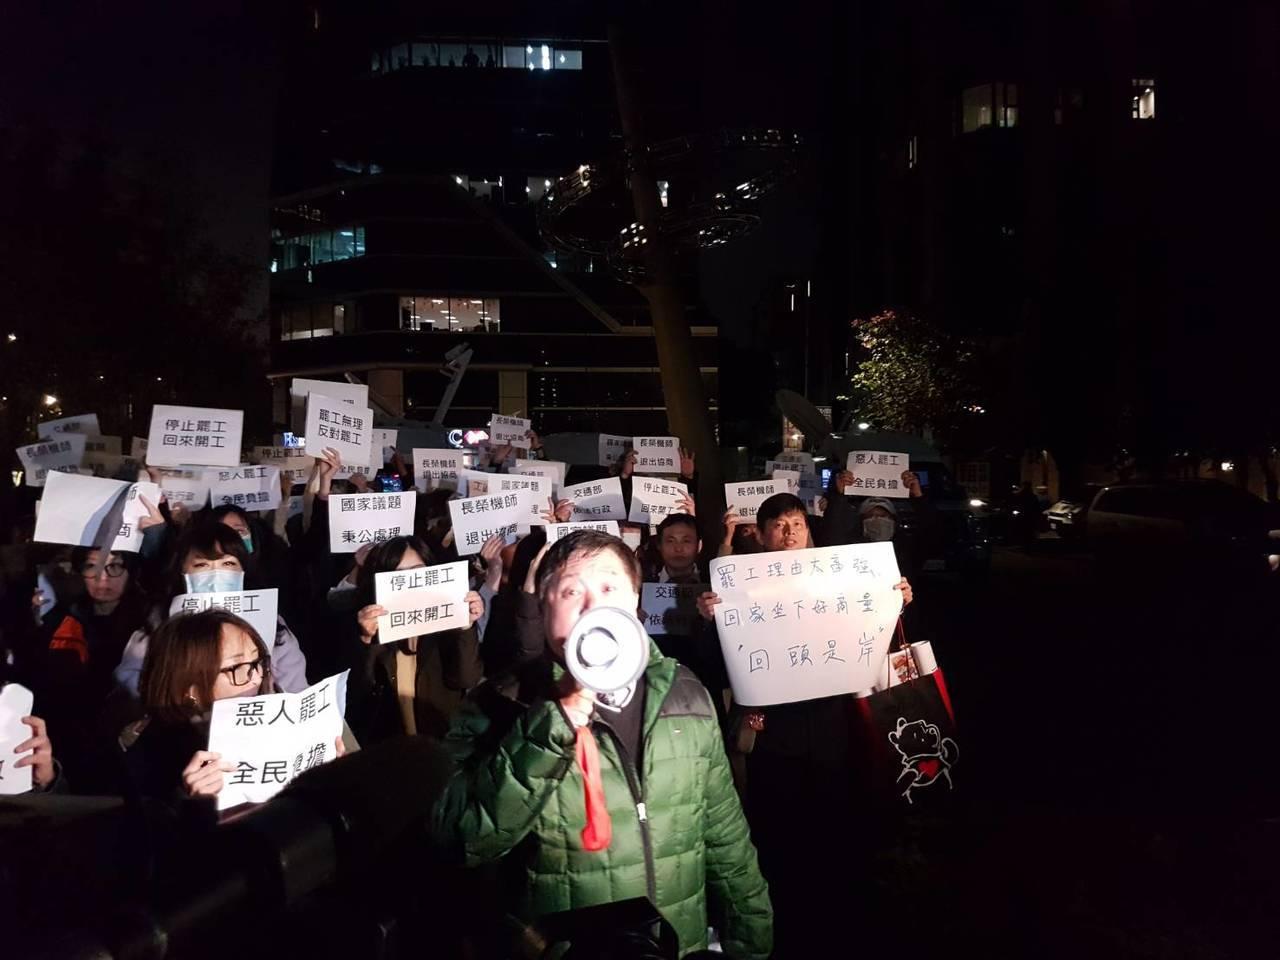 反對華航機師罷工方稍早抵達交通部前,要求機師返回工作岡位。記者吳佩旻/攝影